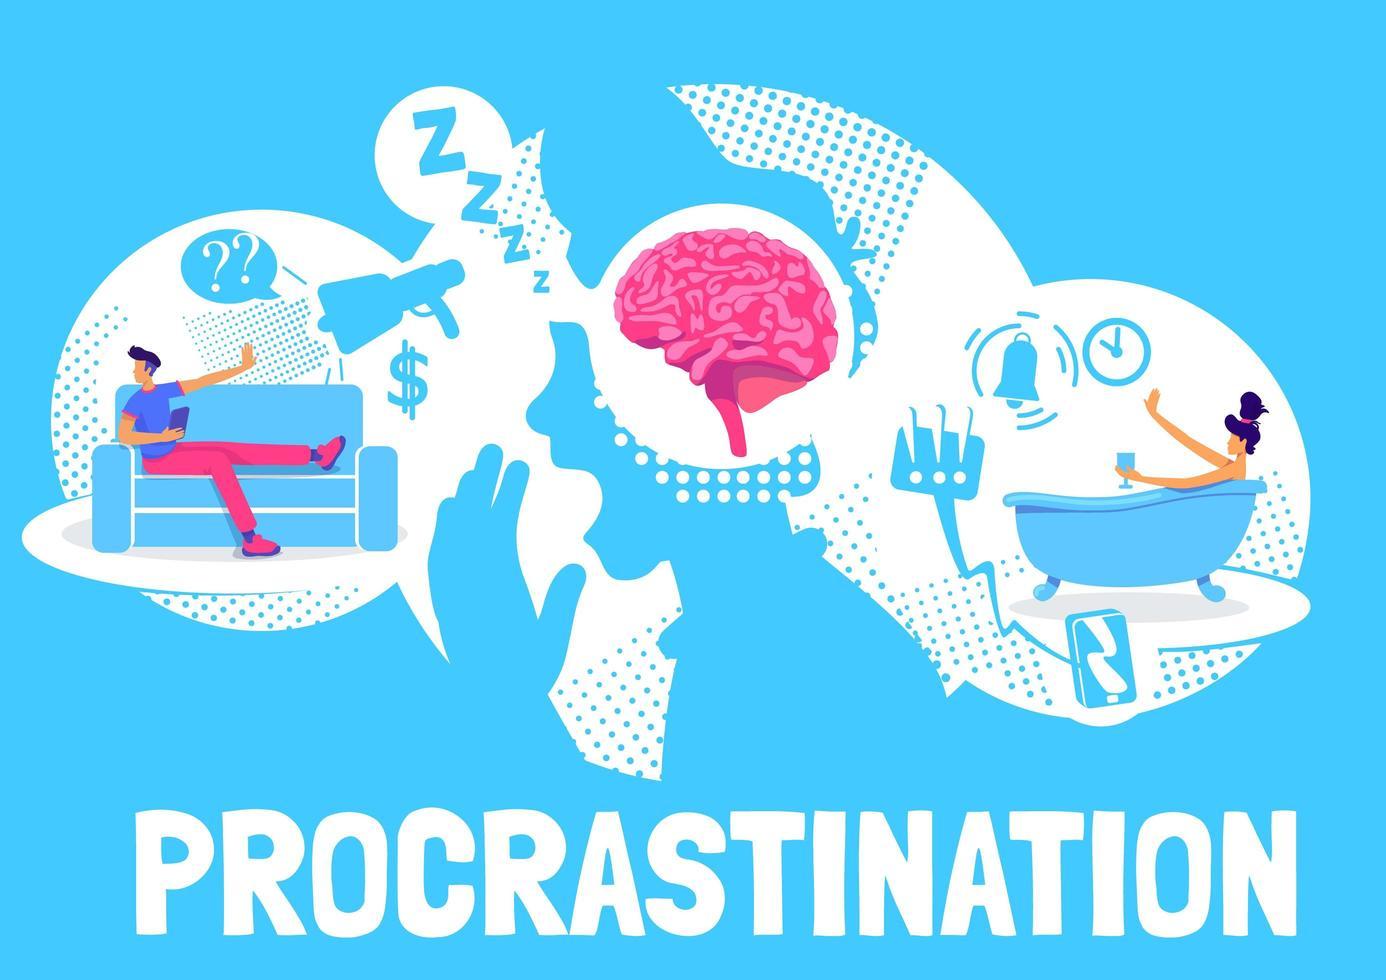 conception d'affiche de procrastination vecteur